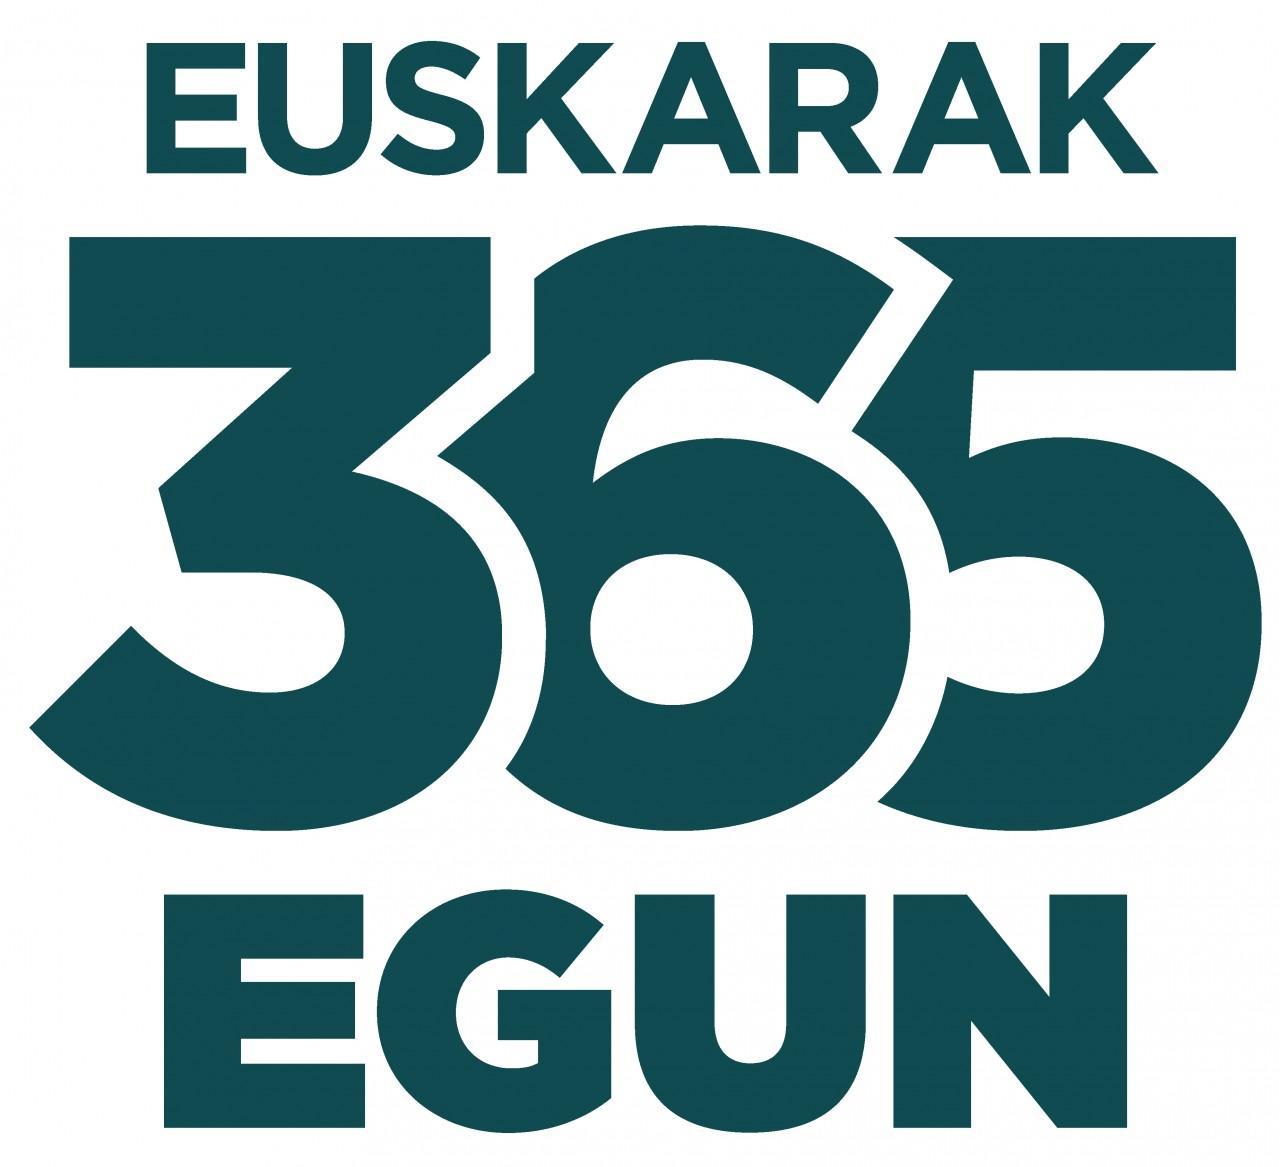 euskarak_365_egun_logoa-1